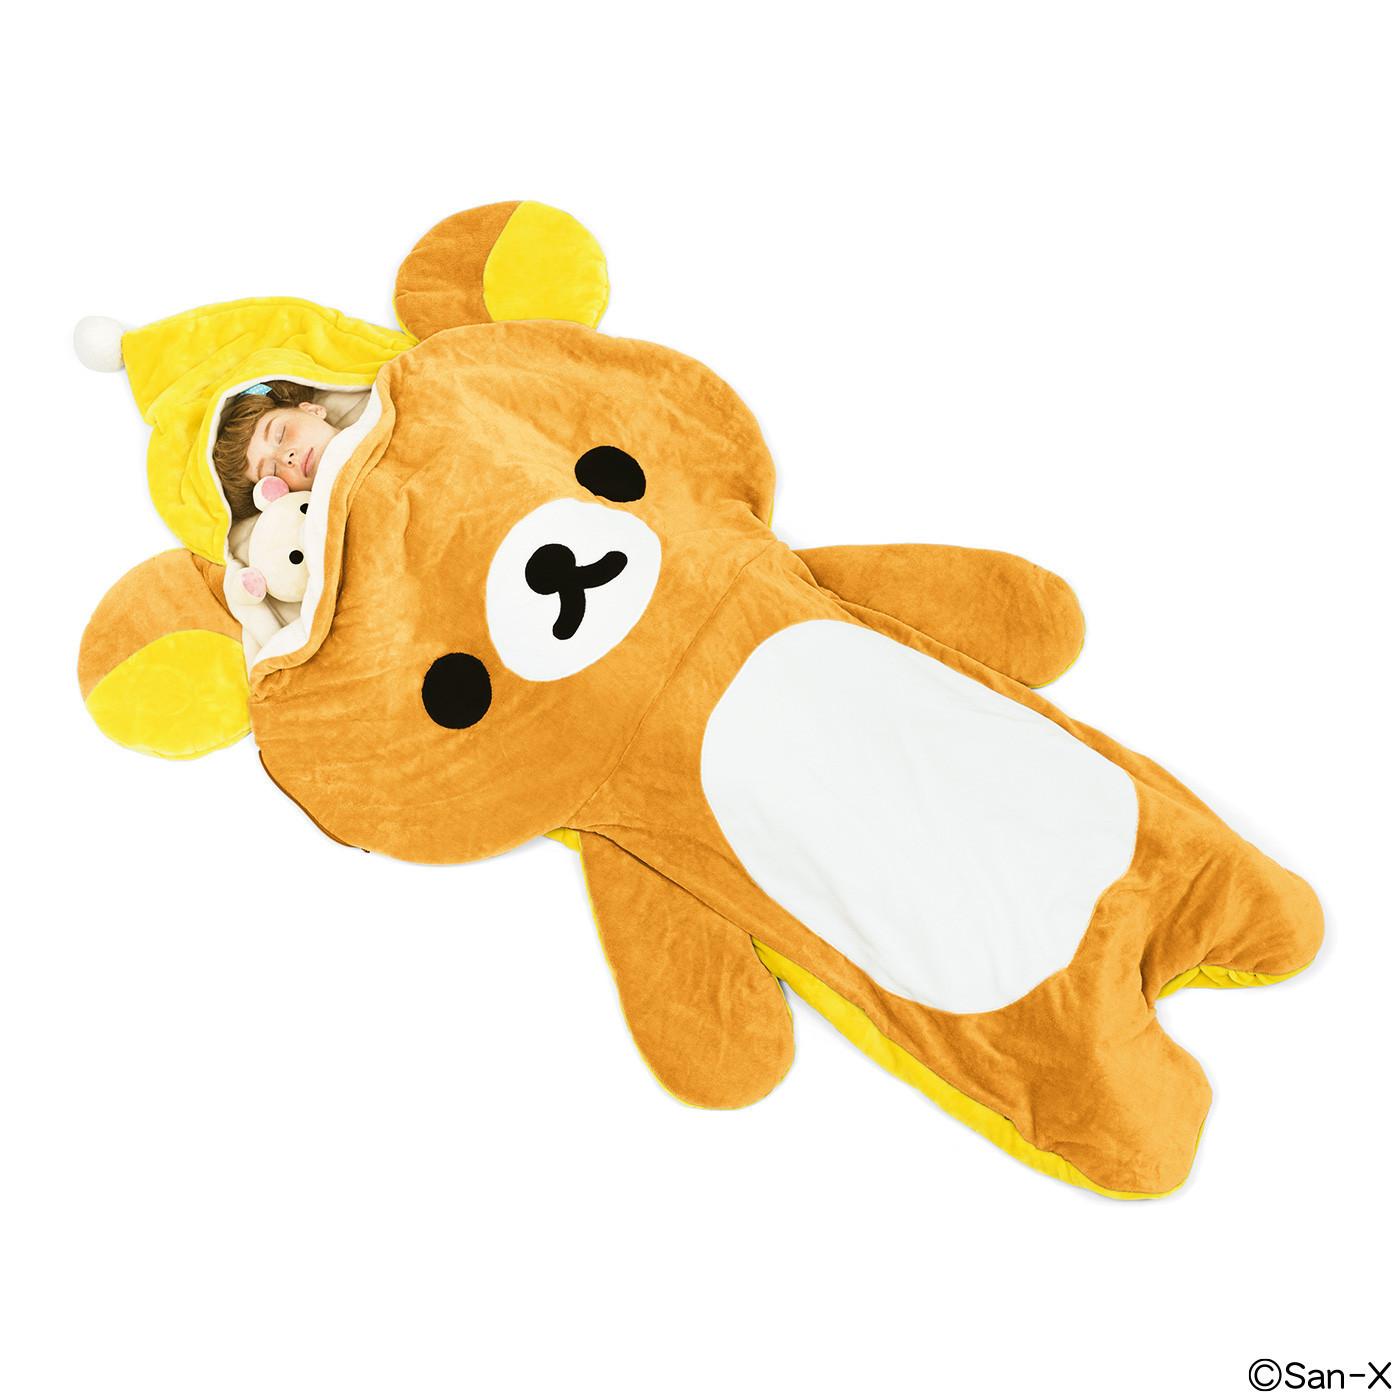 是懶懶熊超大型睡袋這篇文章的首圖